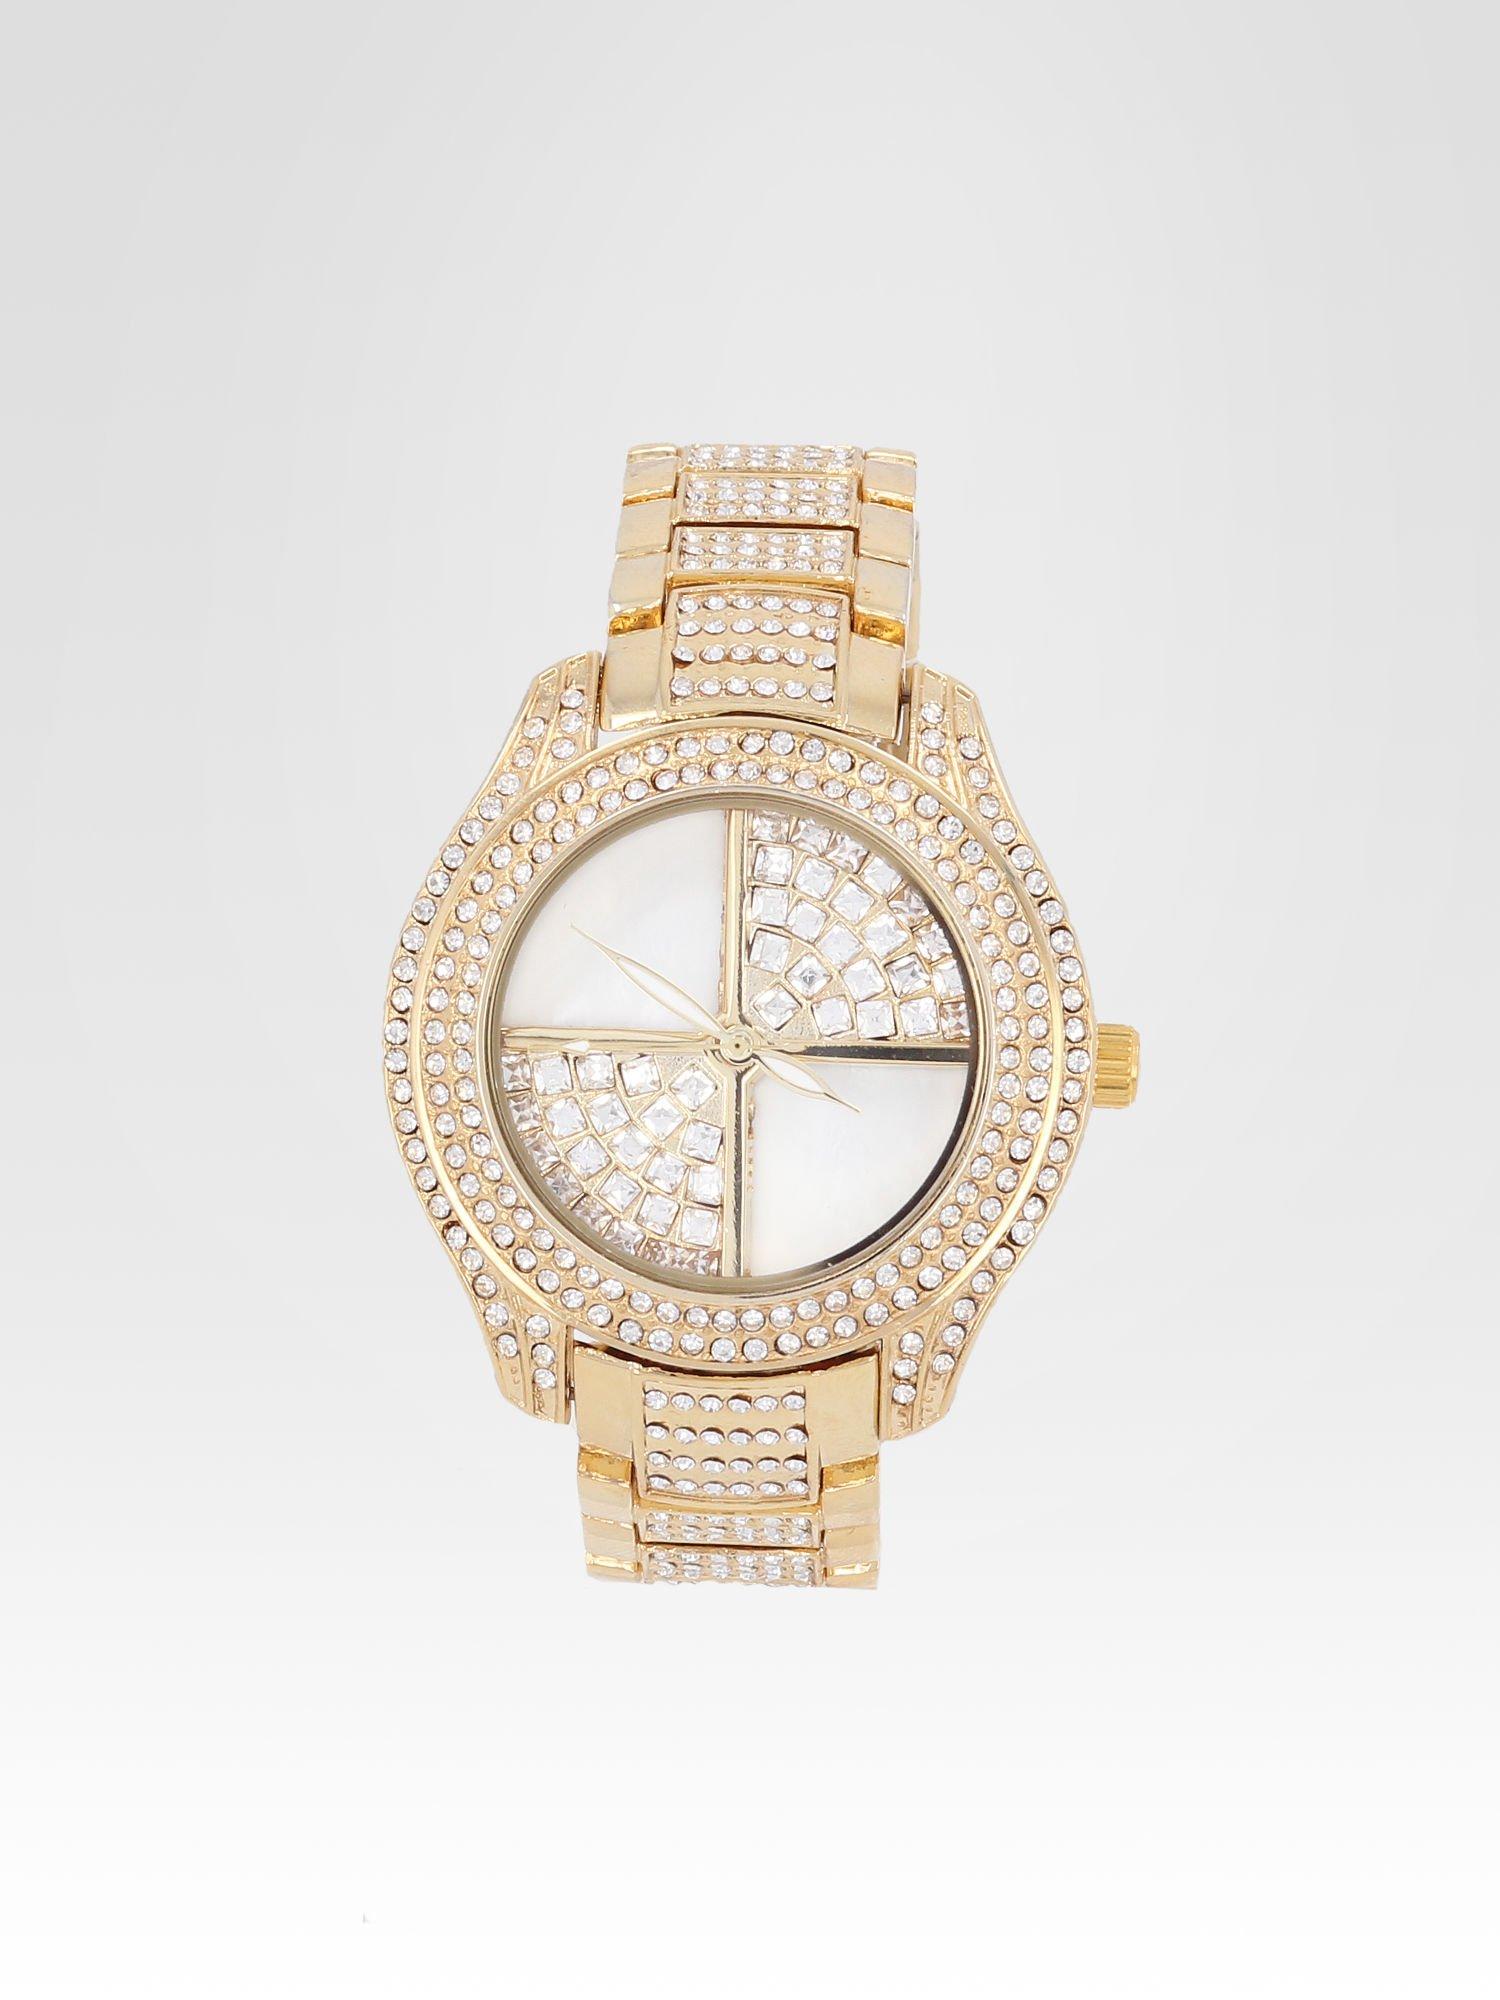 Złoty zegarek damski na bransolecie wysadzany cyrkoniami                                  zdj.                                  1